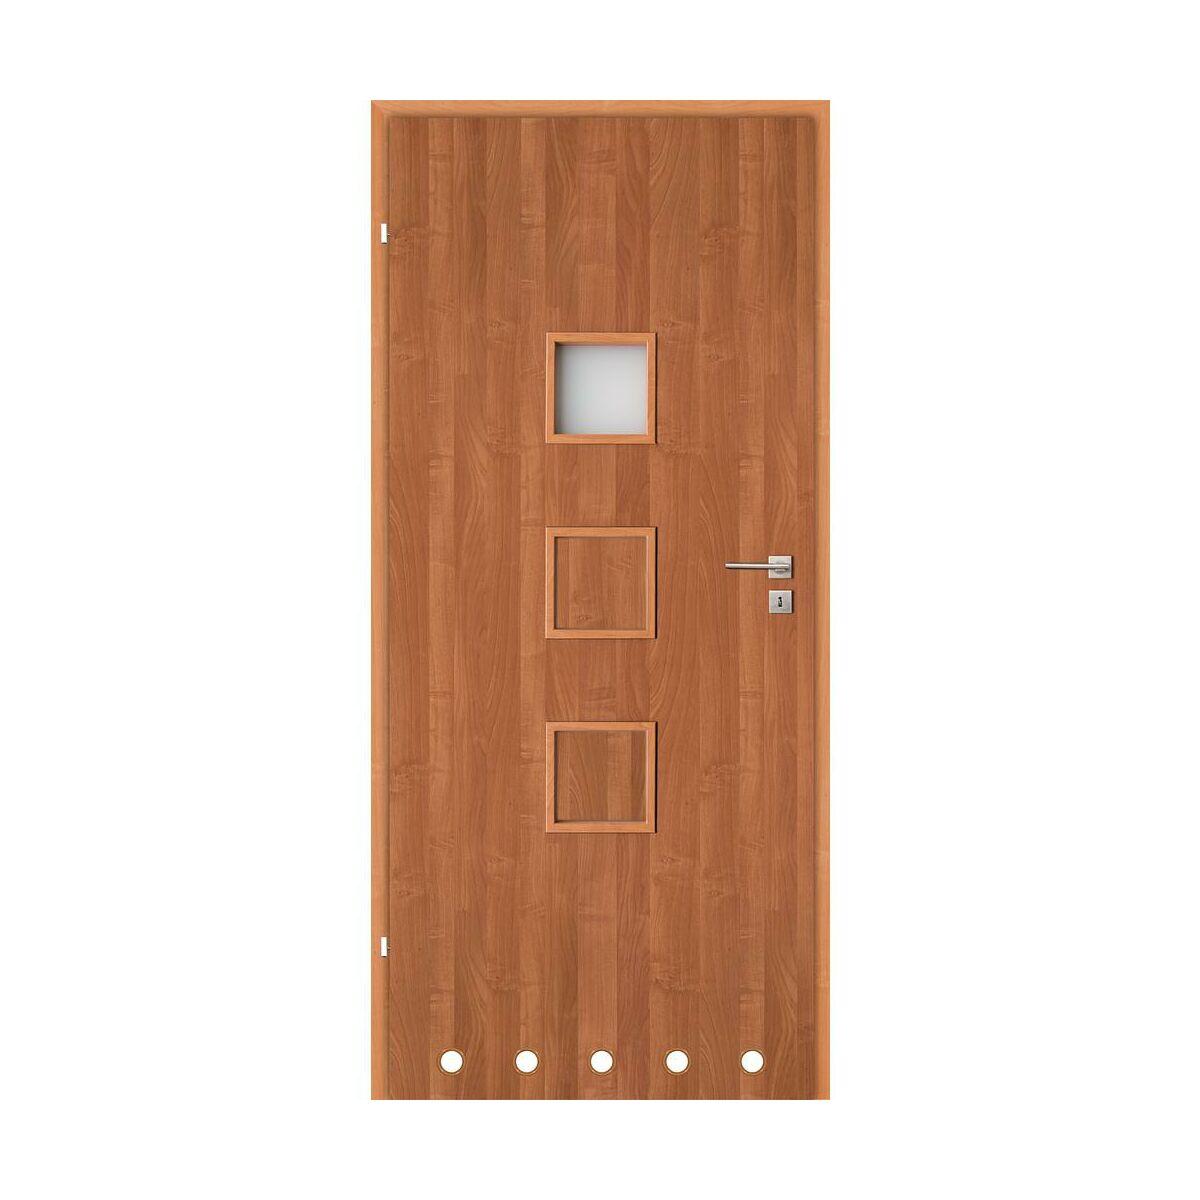 Skrzydlo Drzwiowe Z Tulejami Wentylacyjnymi Lea Olcha 60 Lewe Classen Drzwi Wewnetrzne W Atrakcyjnej Cenie W Sklepach Leroy Merlin